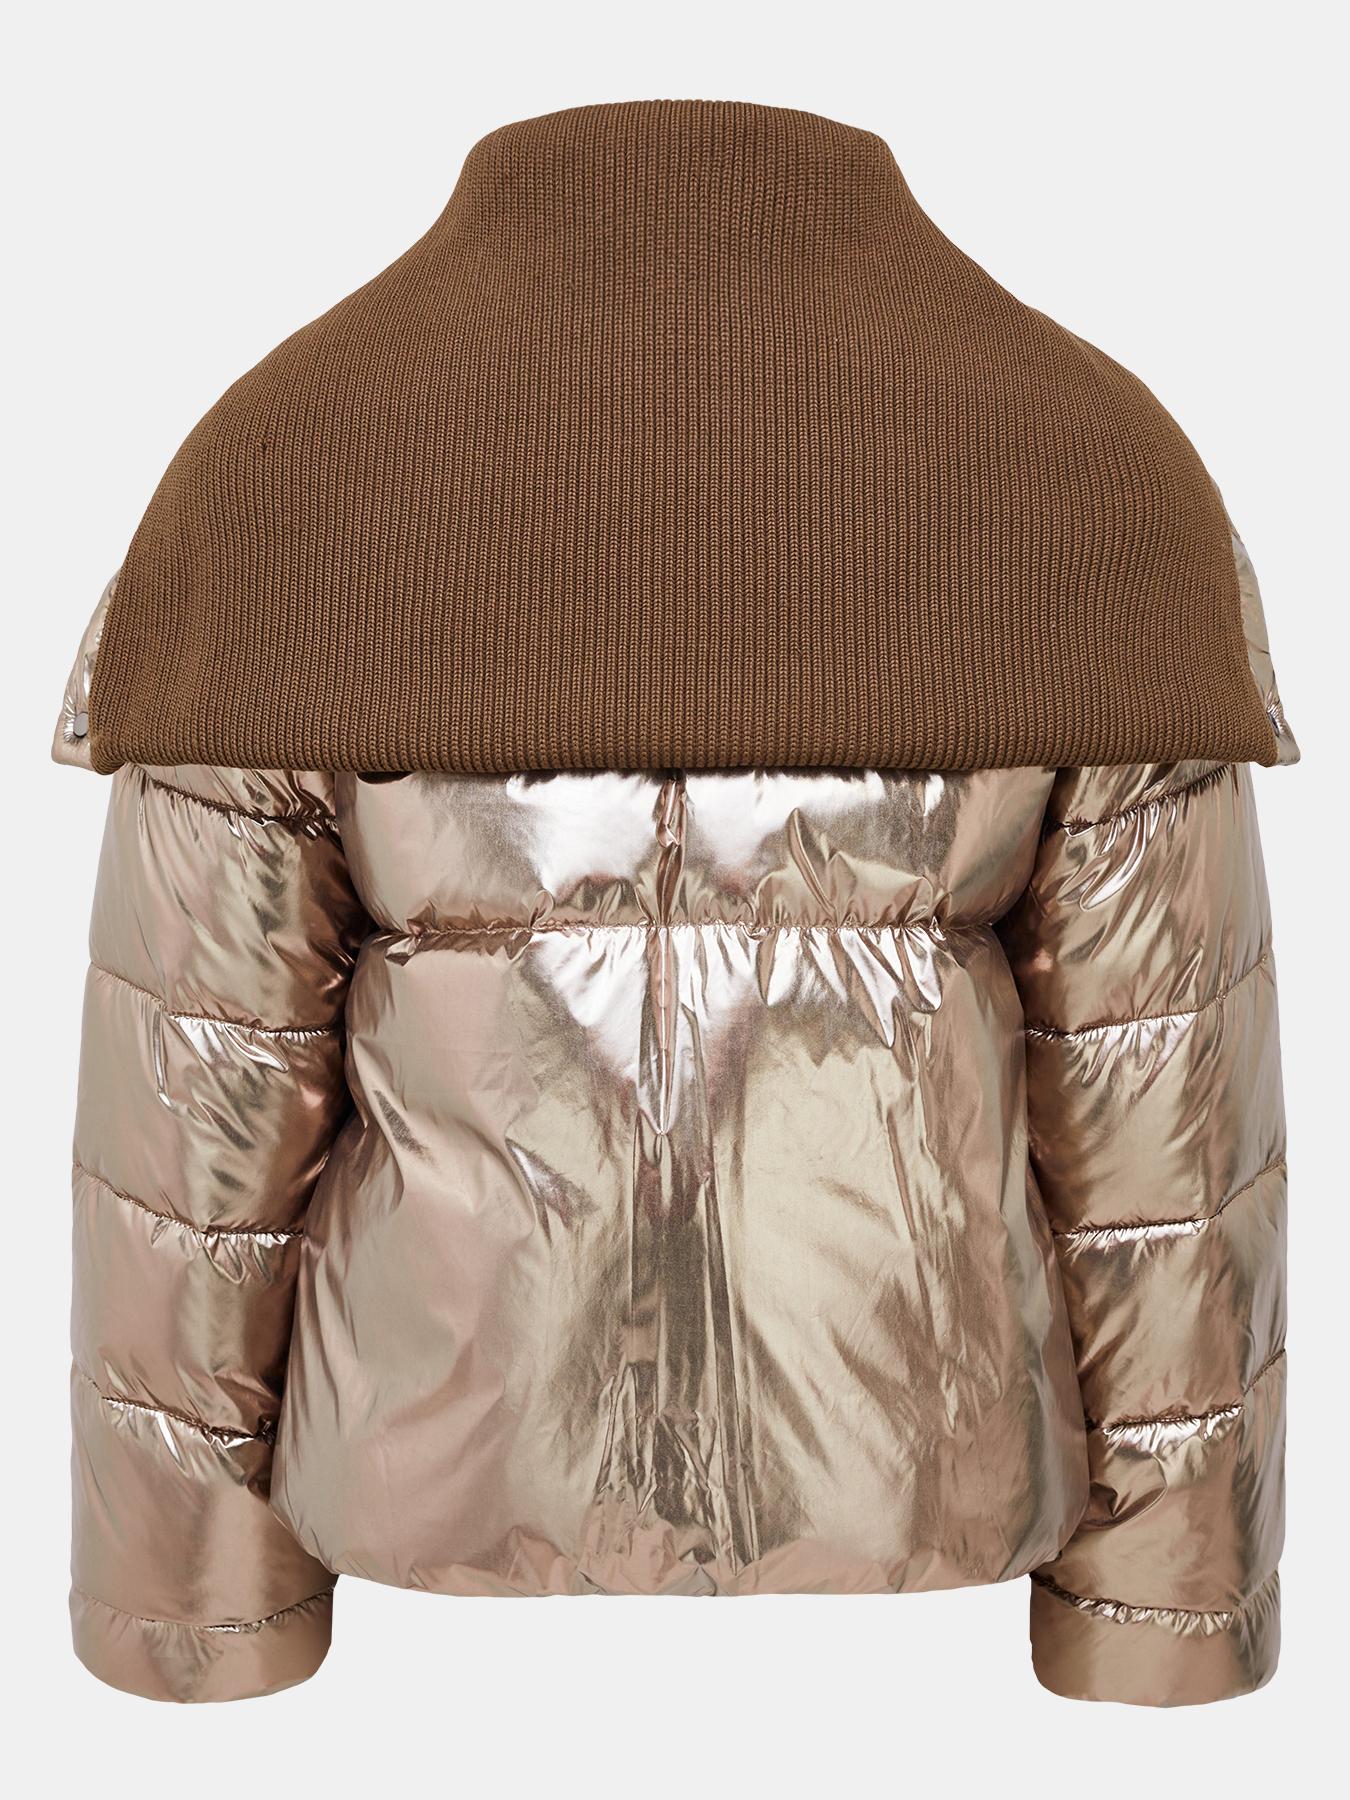 Куртка Patrizia Pepe Утепленный анорак